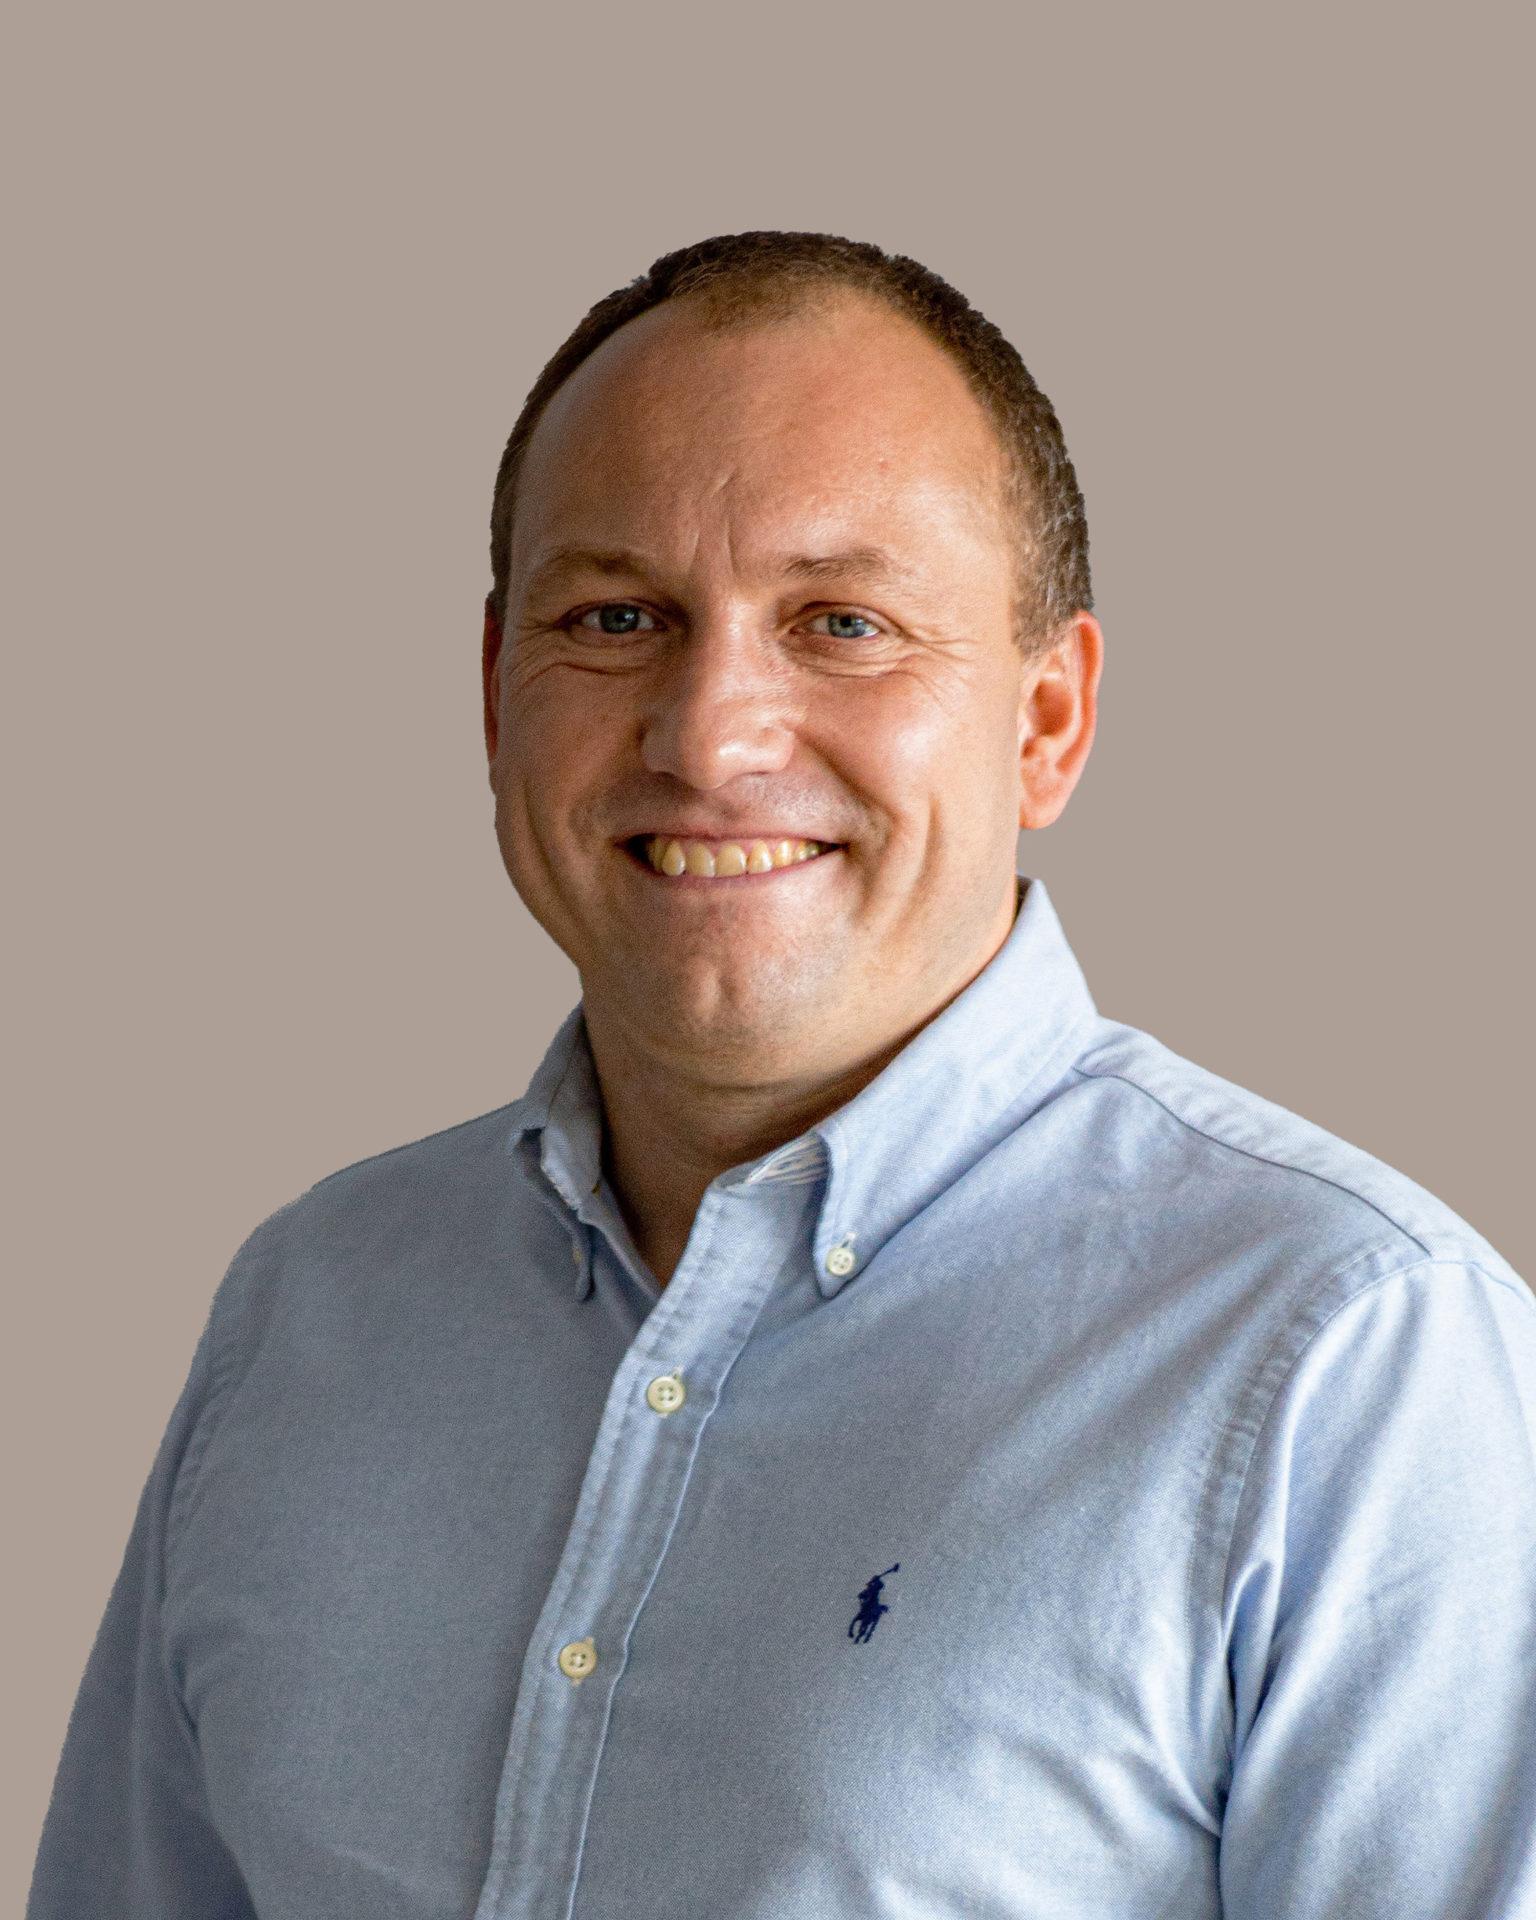 Damian Wiatrak